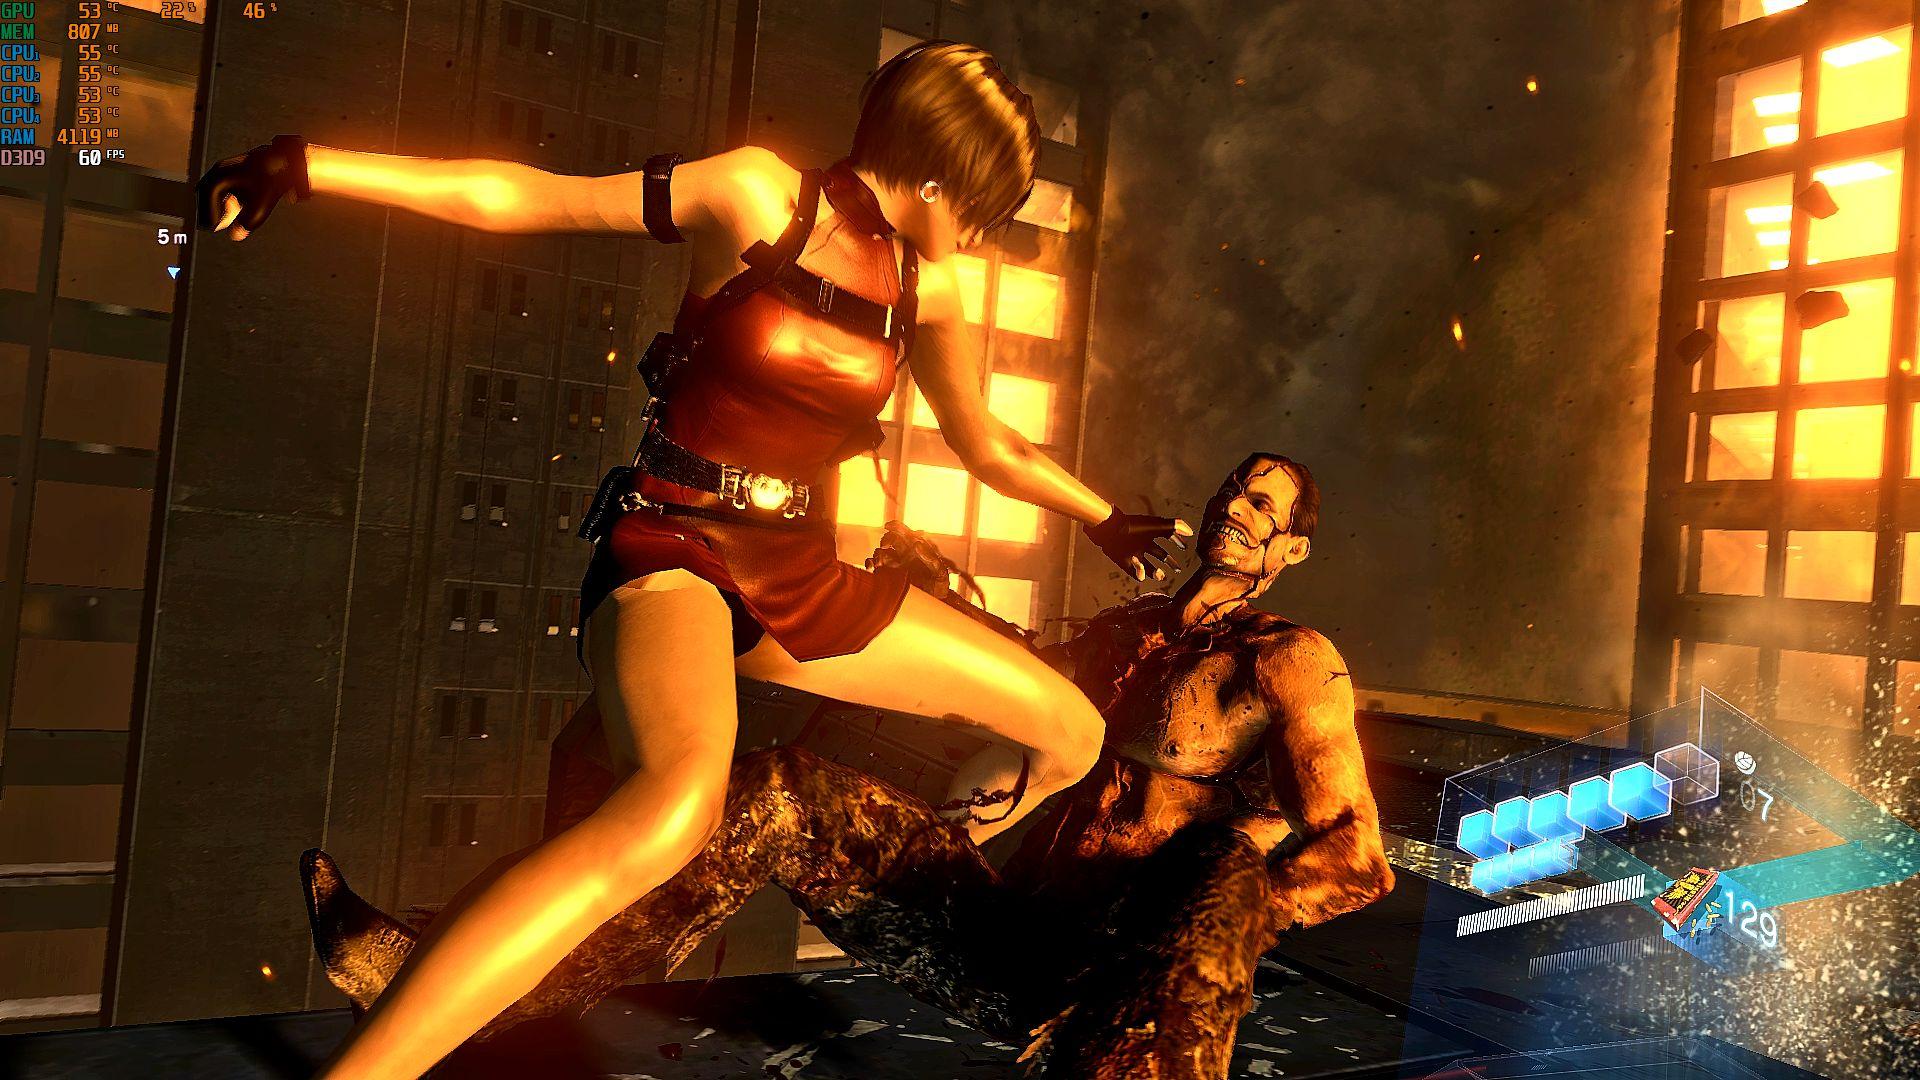 000271.Jpg - Resident Evil 6